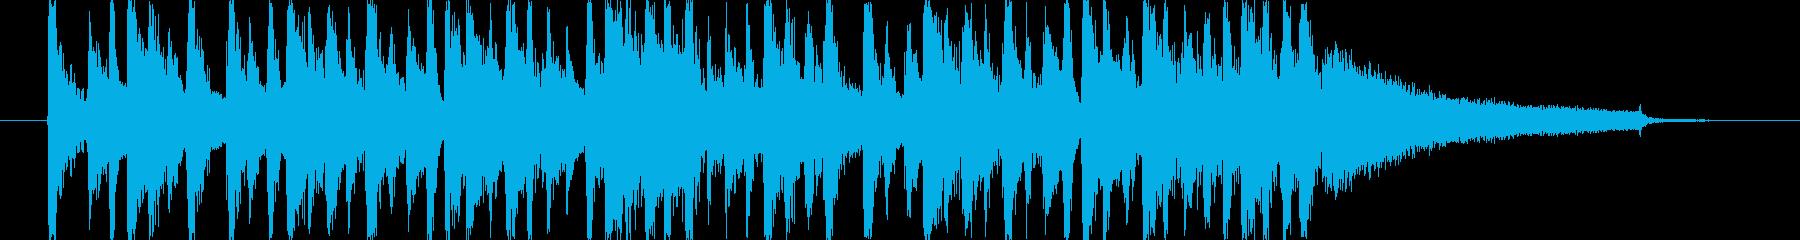 お洒落な感じのCMを想定した楽曲です。の再生済みの波形